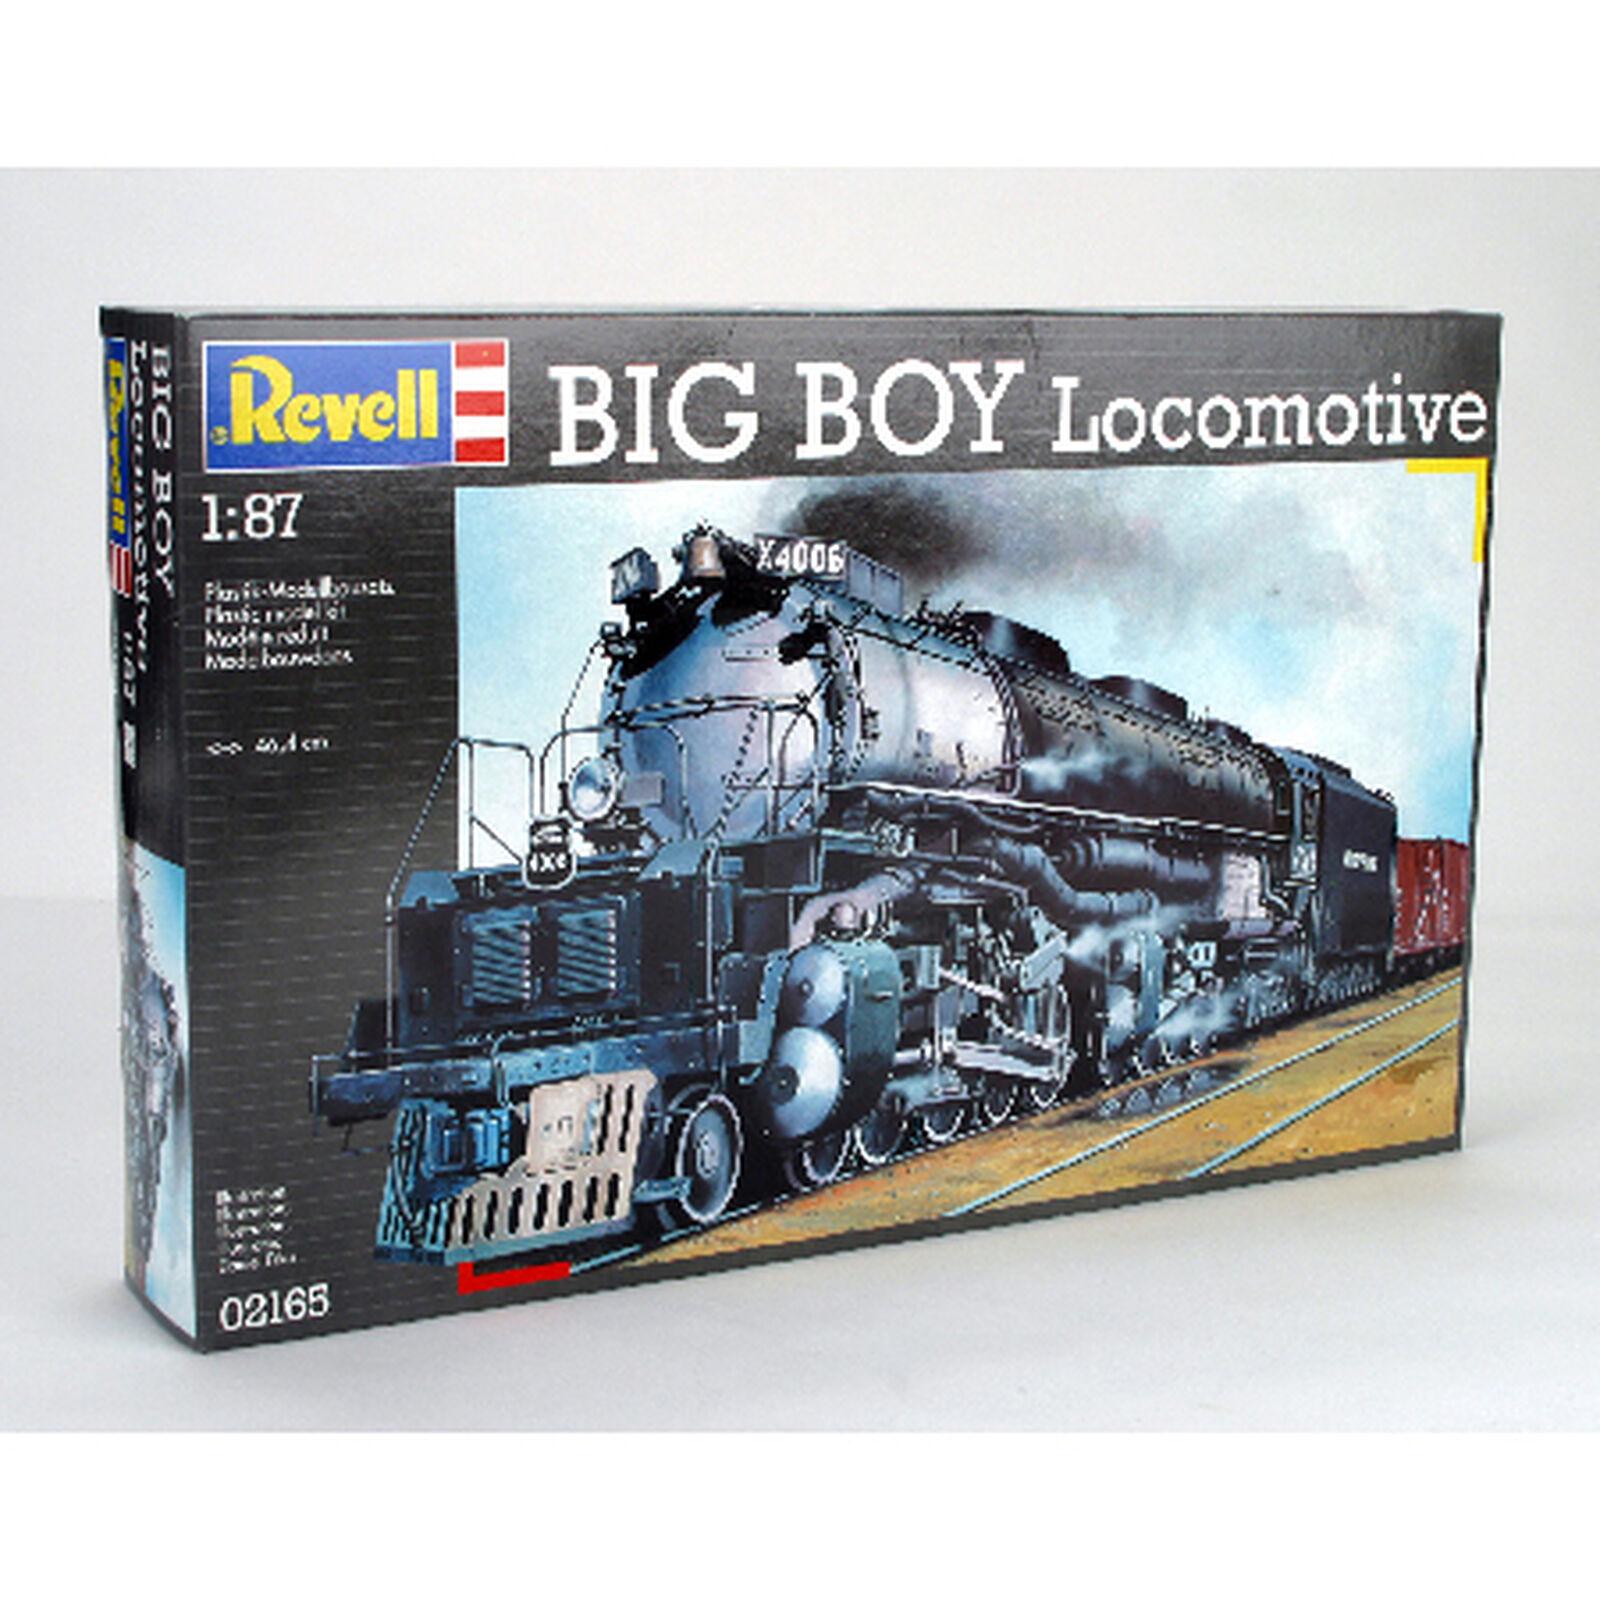 1/87 Big Boy Locomotive